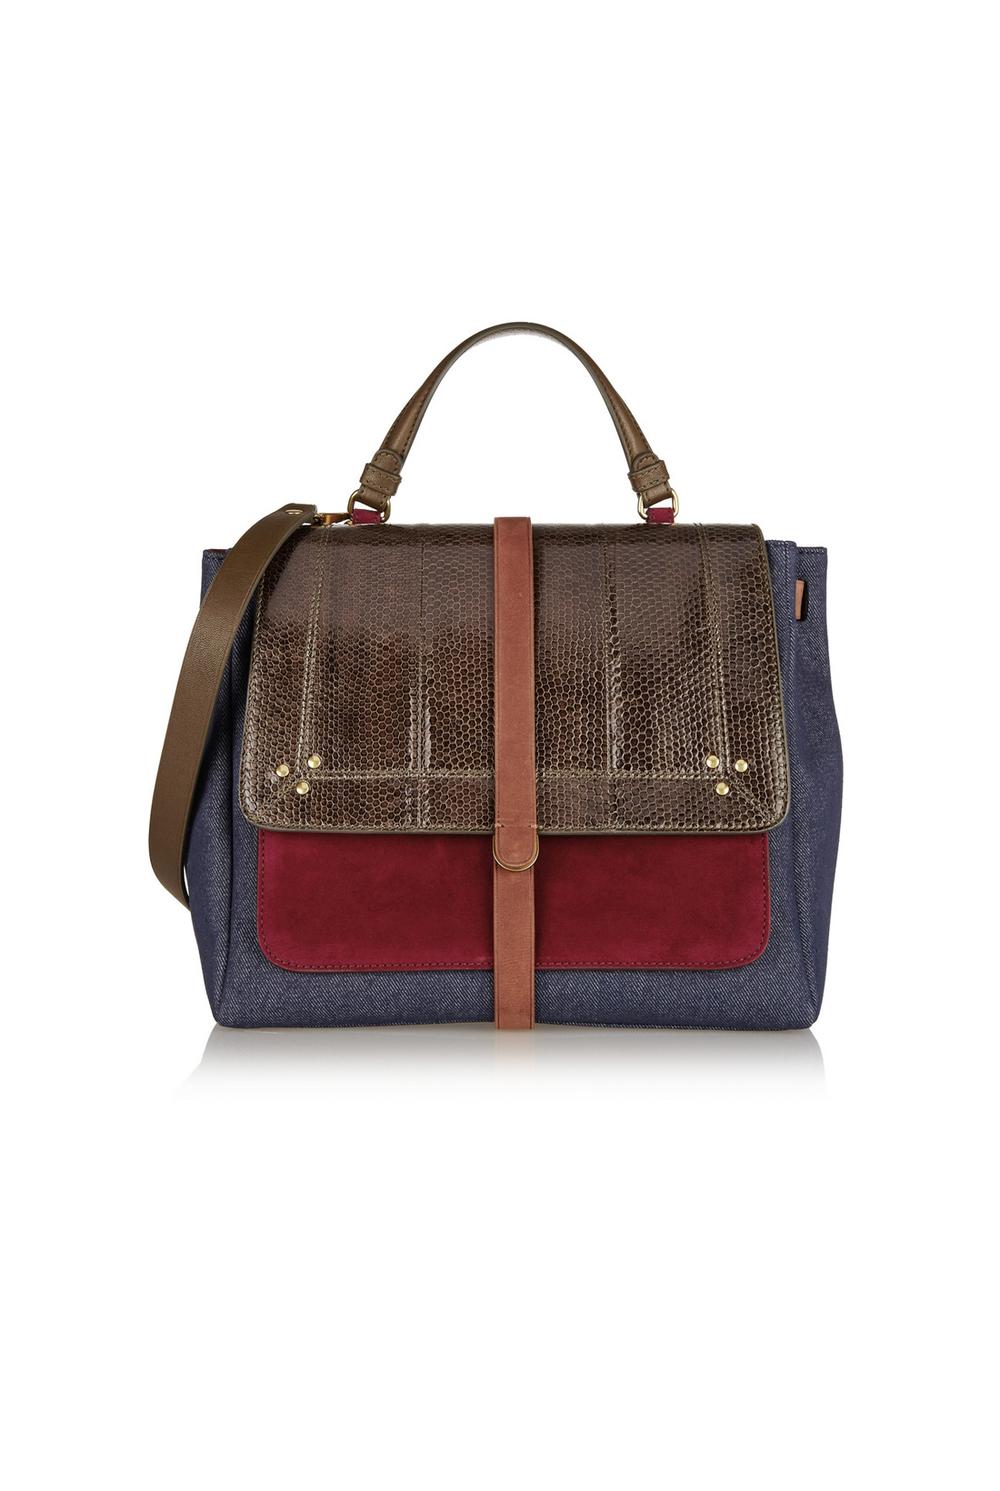 04-spring-denim-trends-bags-04.jpg